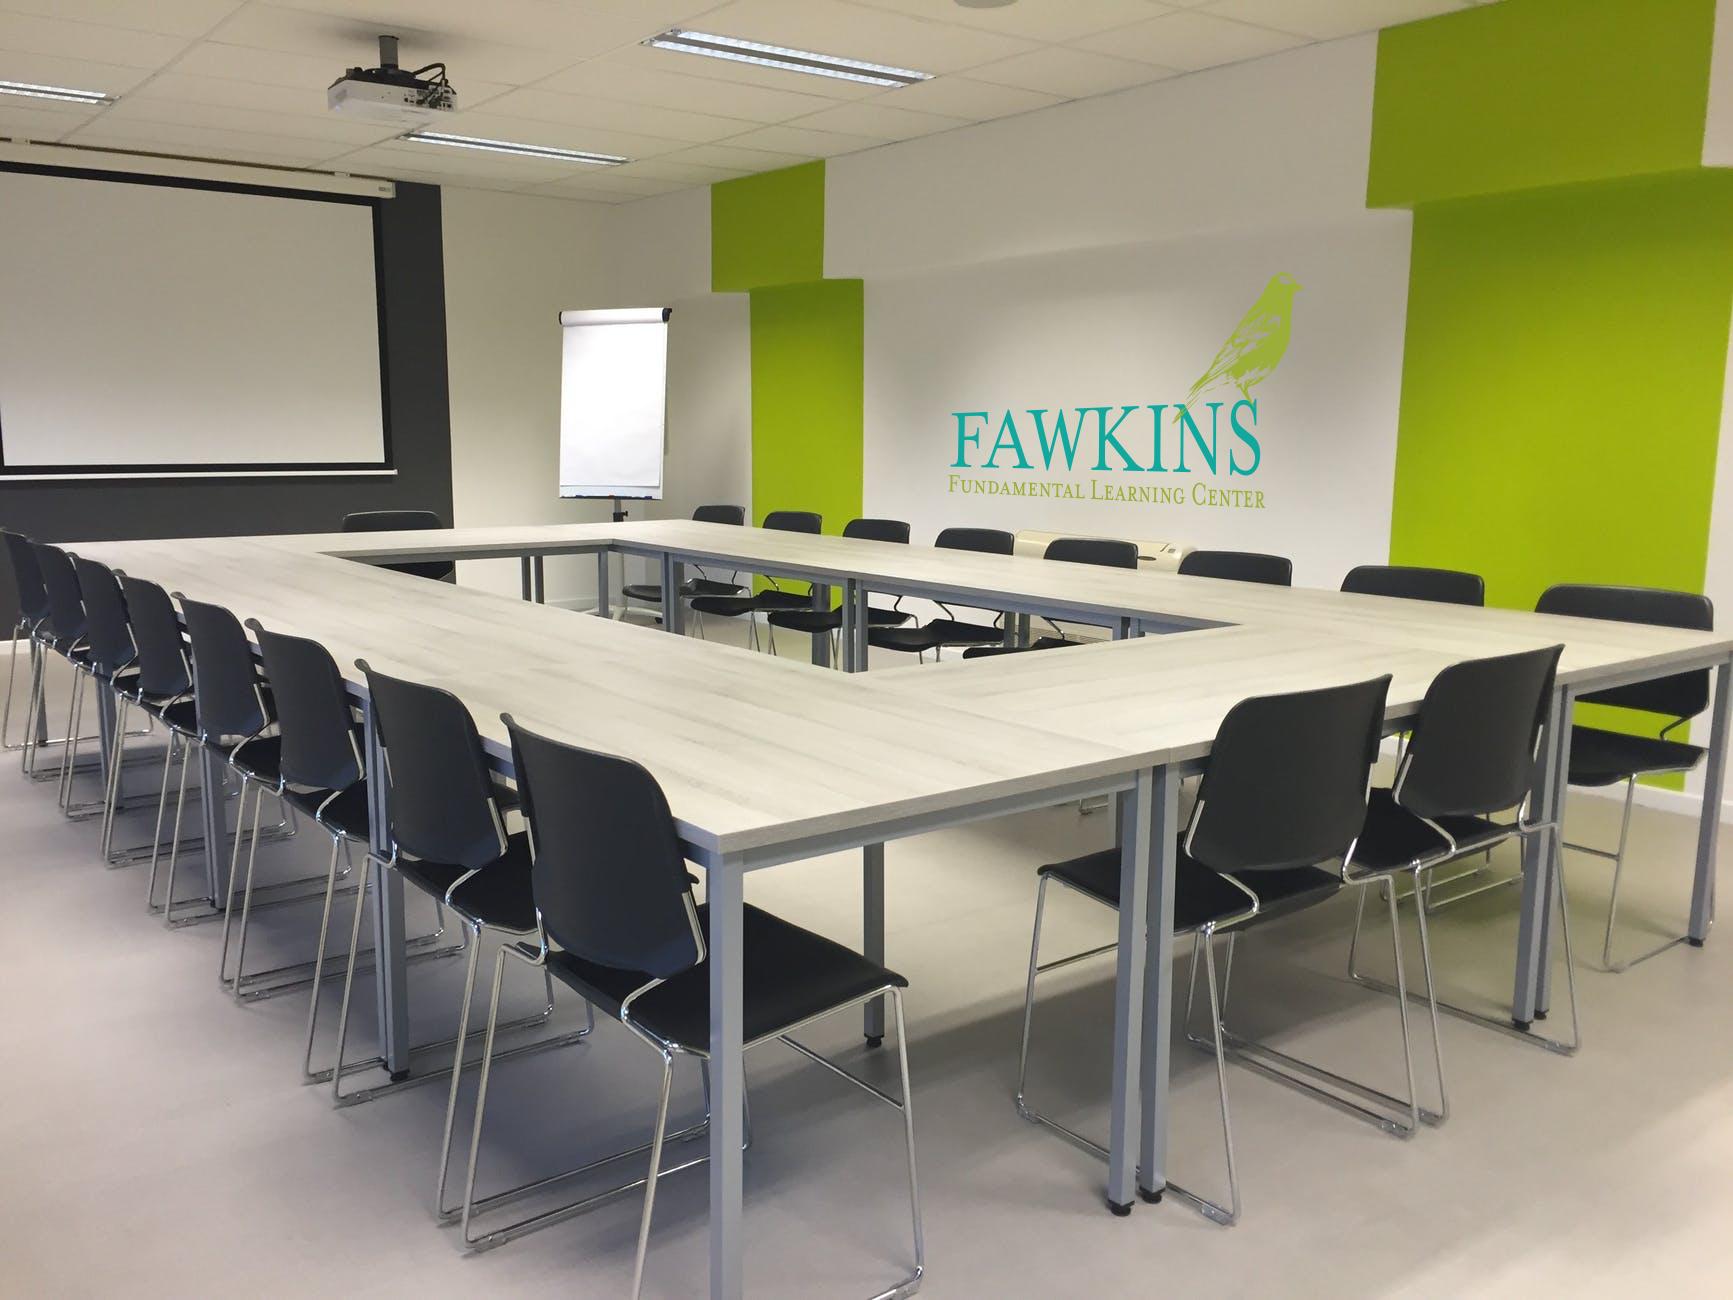 fawkinsclassroom